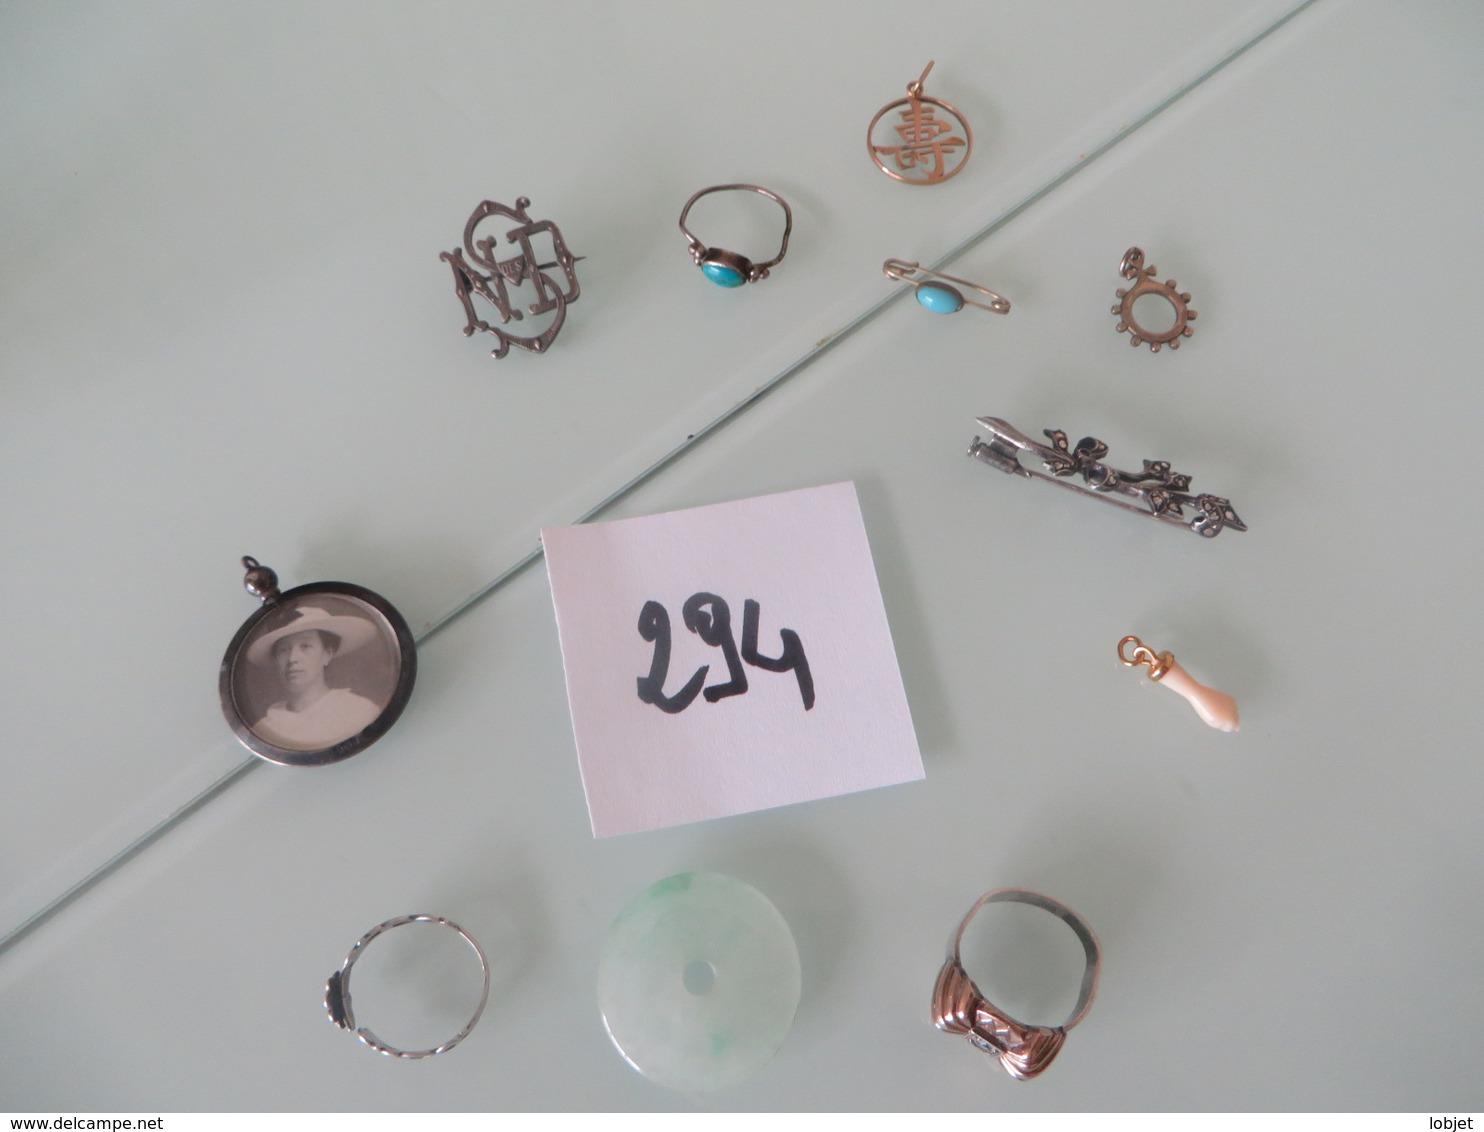 Lot De Bijoux Anciens ,le Truc Chinois Peut-etre Poinçon,, AUCUNE GARANTIE,,(lot 294) - Jewels & Clocks